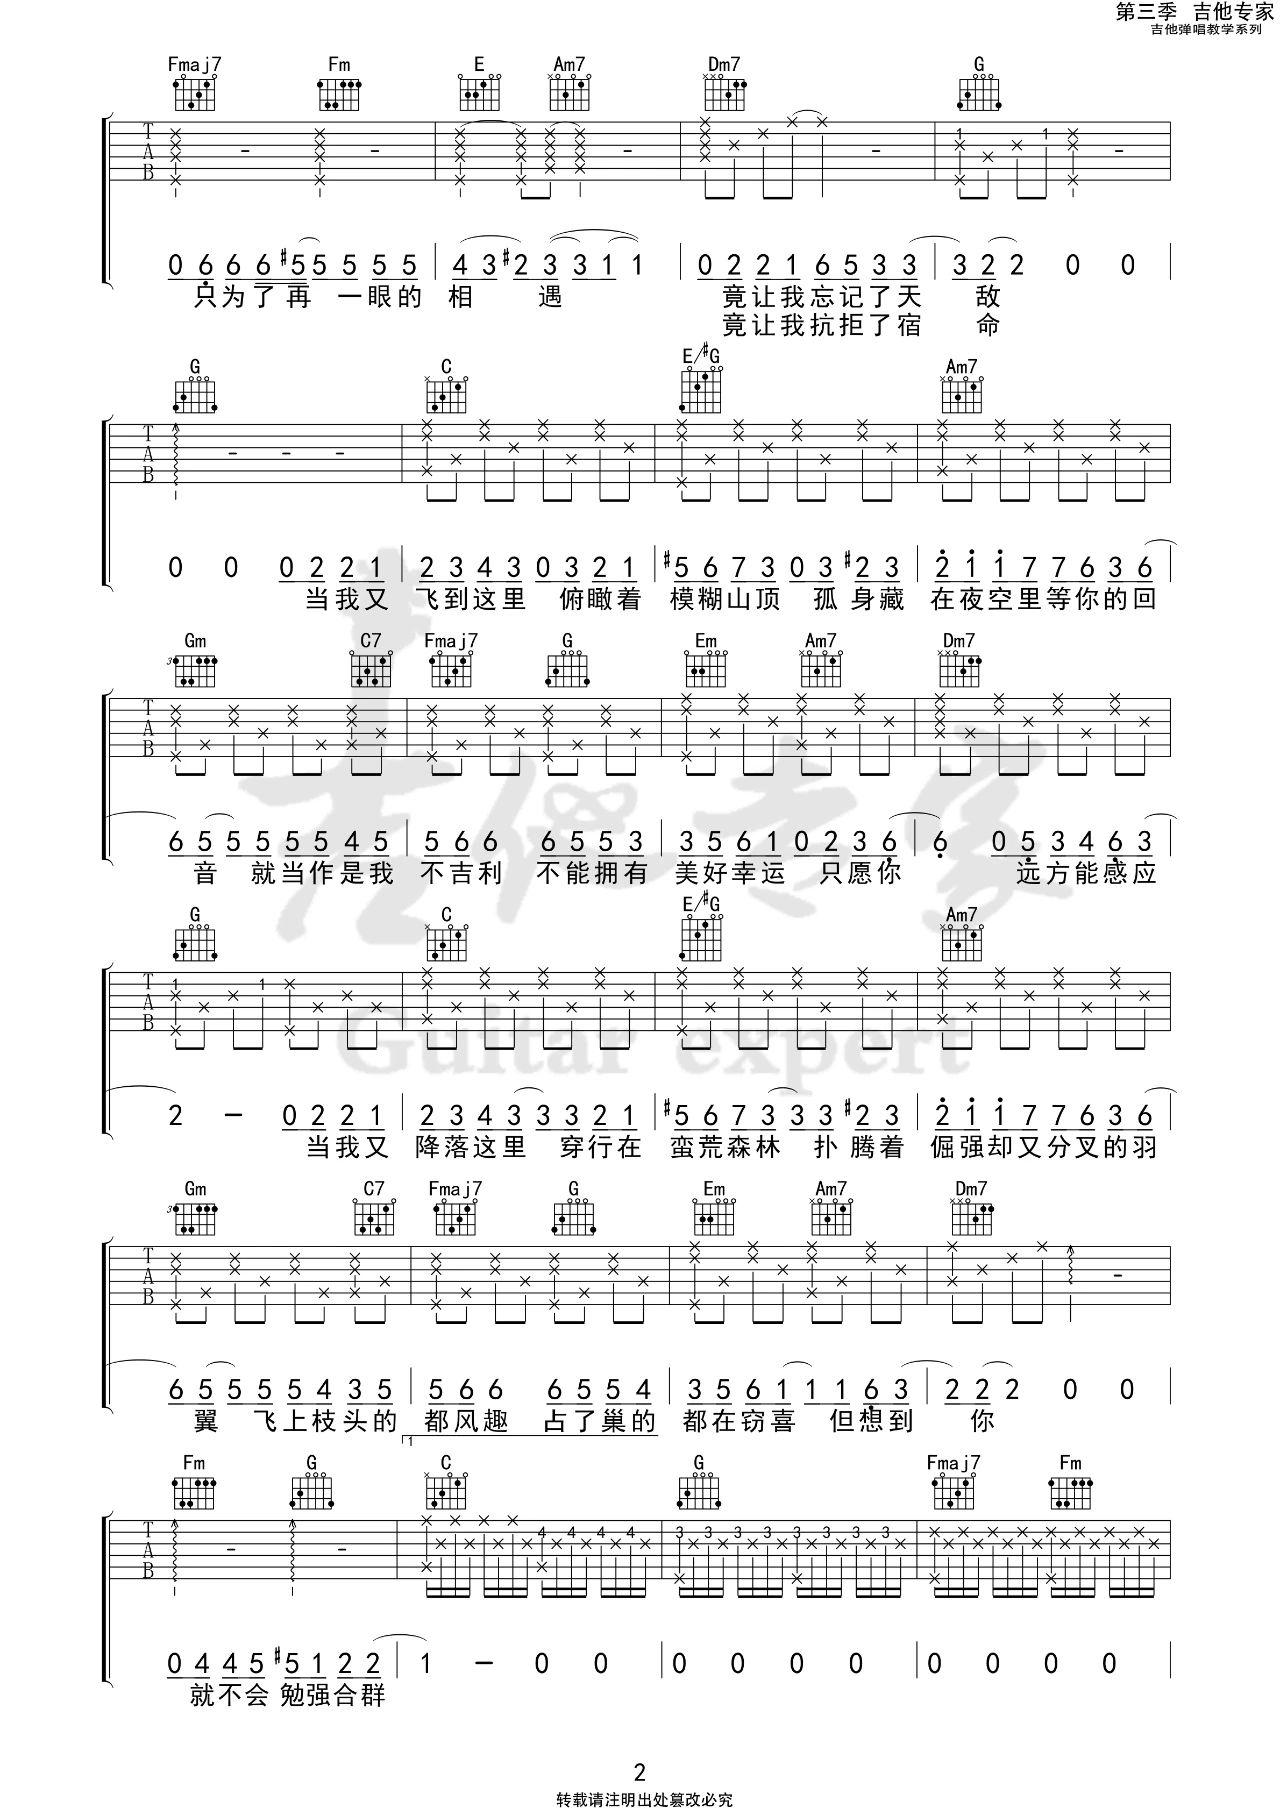 吉他派乌鸦吉他谱专家版-2